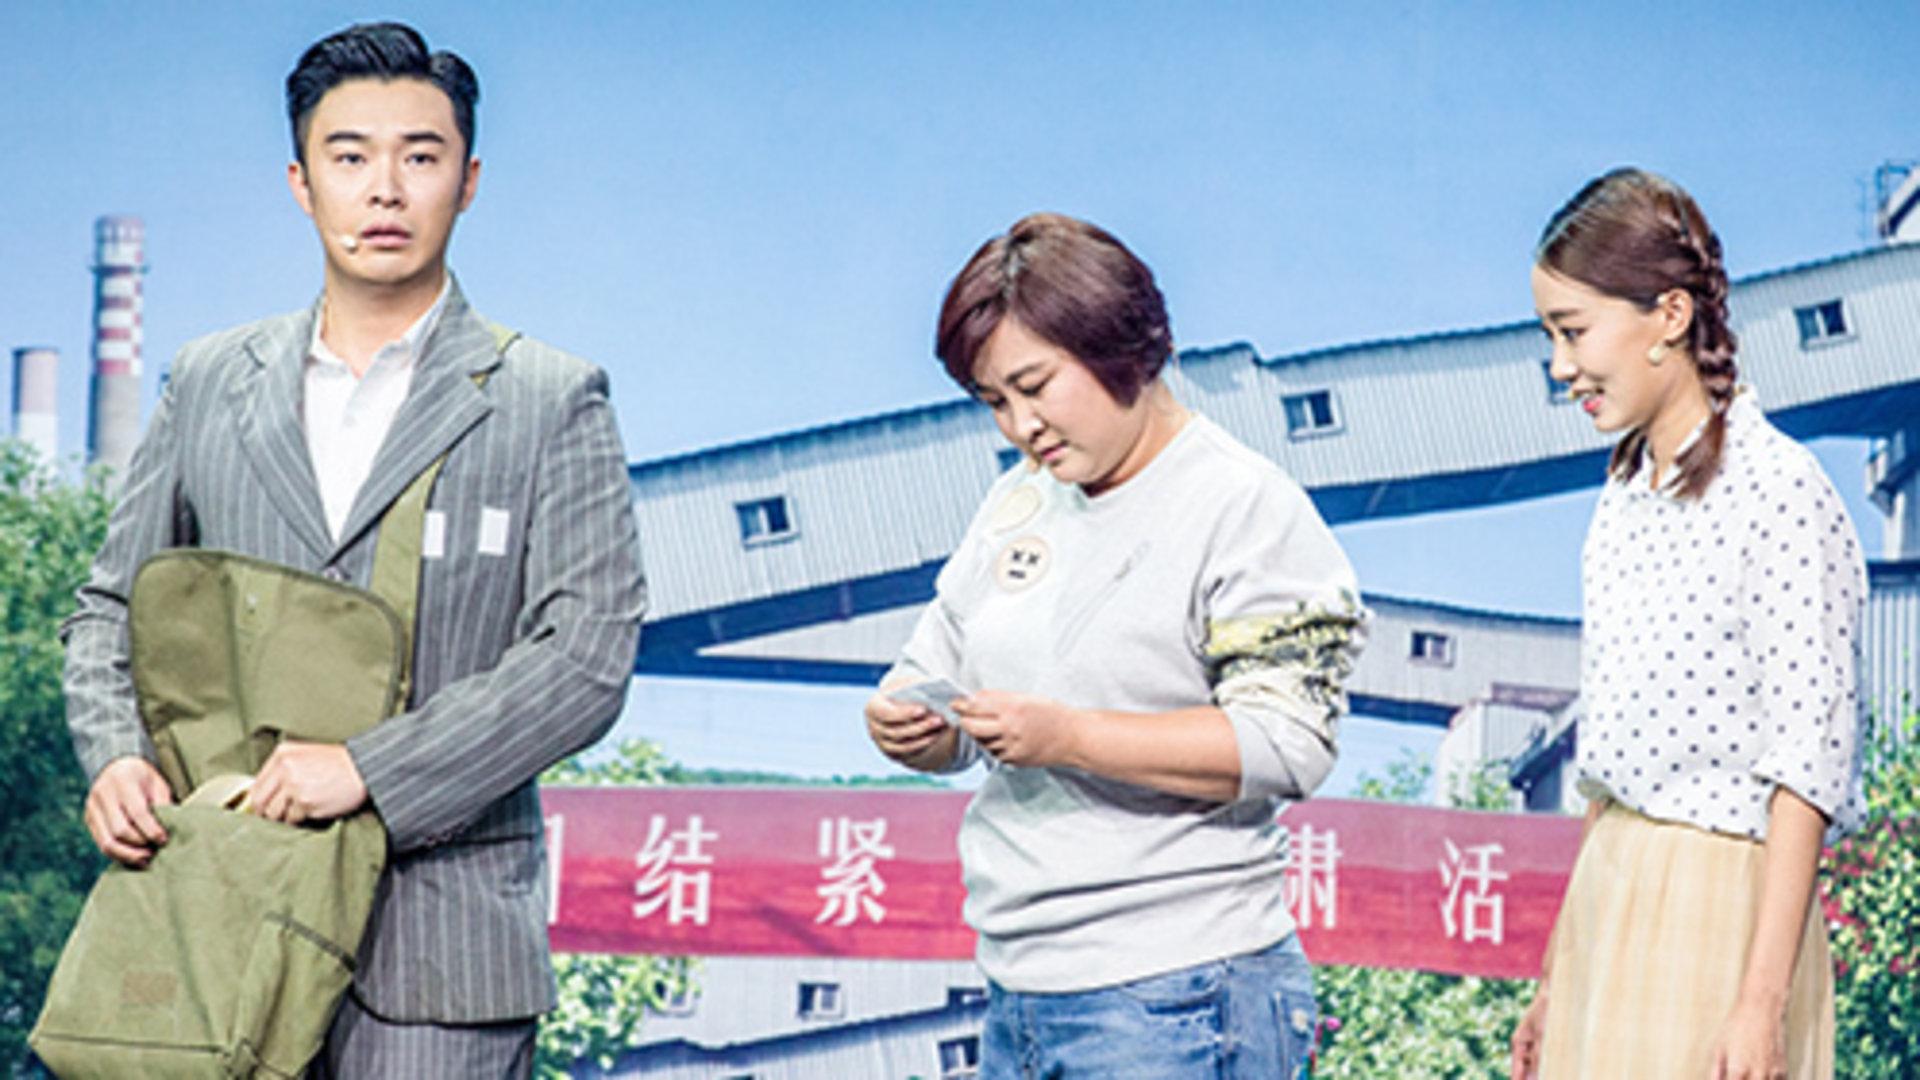 第1期:刘涛沈腾发飙闹离婚,贾玲忆母催人泪下